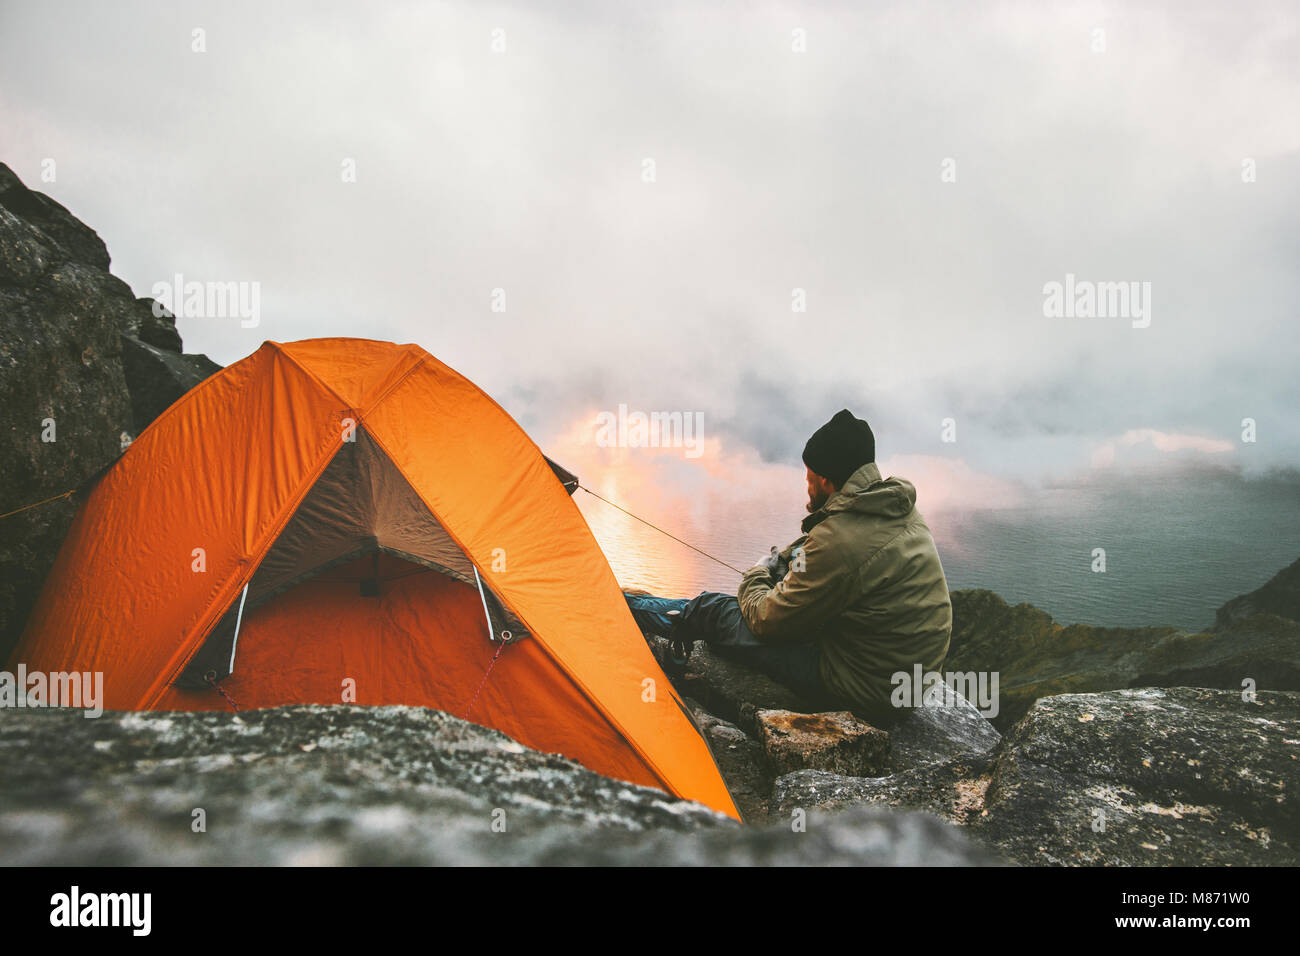 L'uomo traveler relax in montagna vicino di tenda attrezzatura da campeggio outdoor Travel adventure lifestyle Immagini Stock